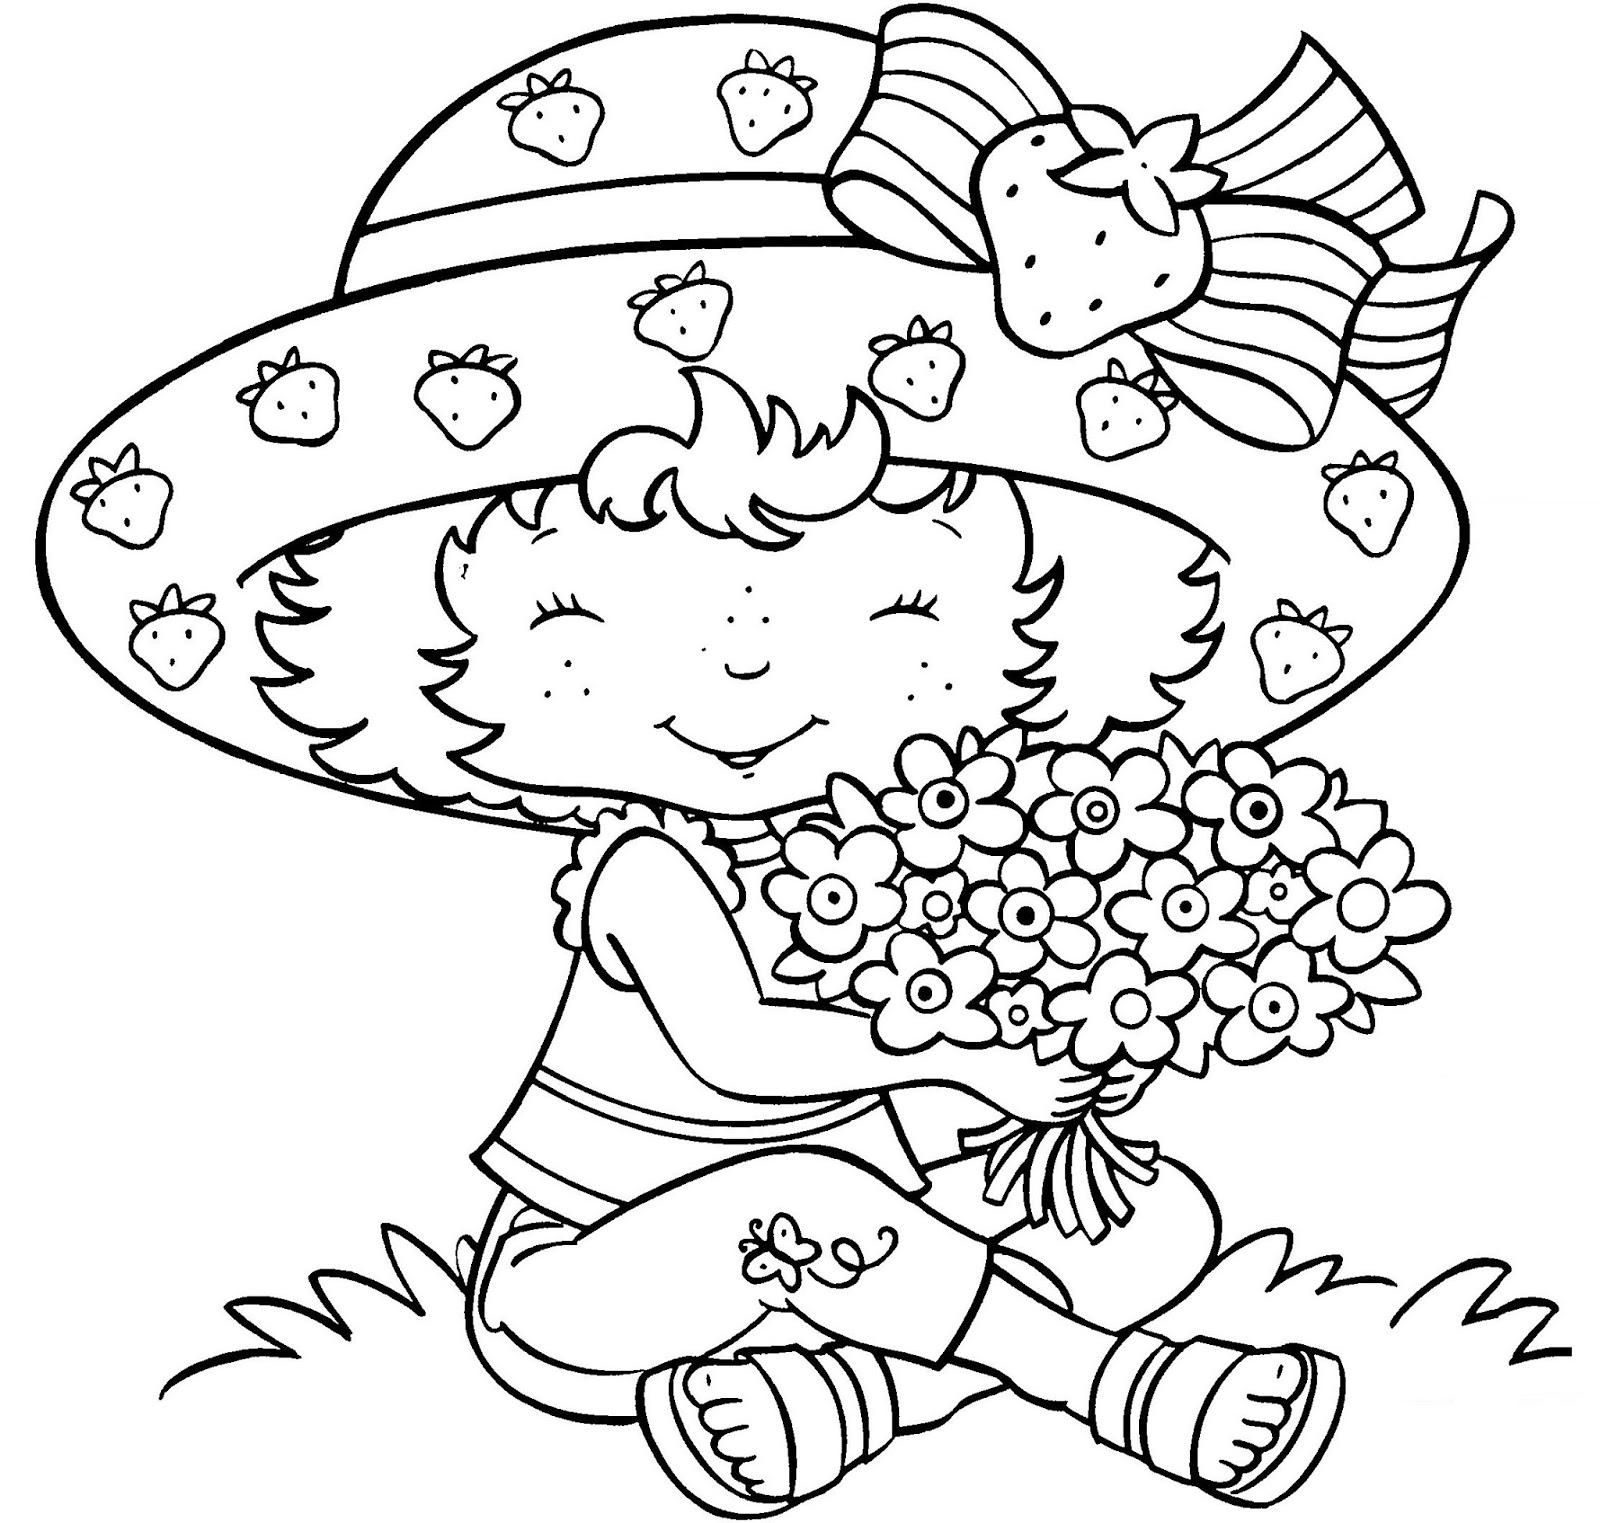 Unico Desenho Da Moranguinha Baby Para Colorir E Imprimir